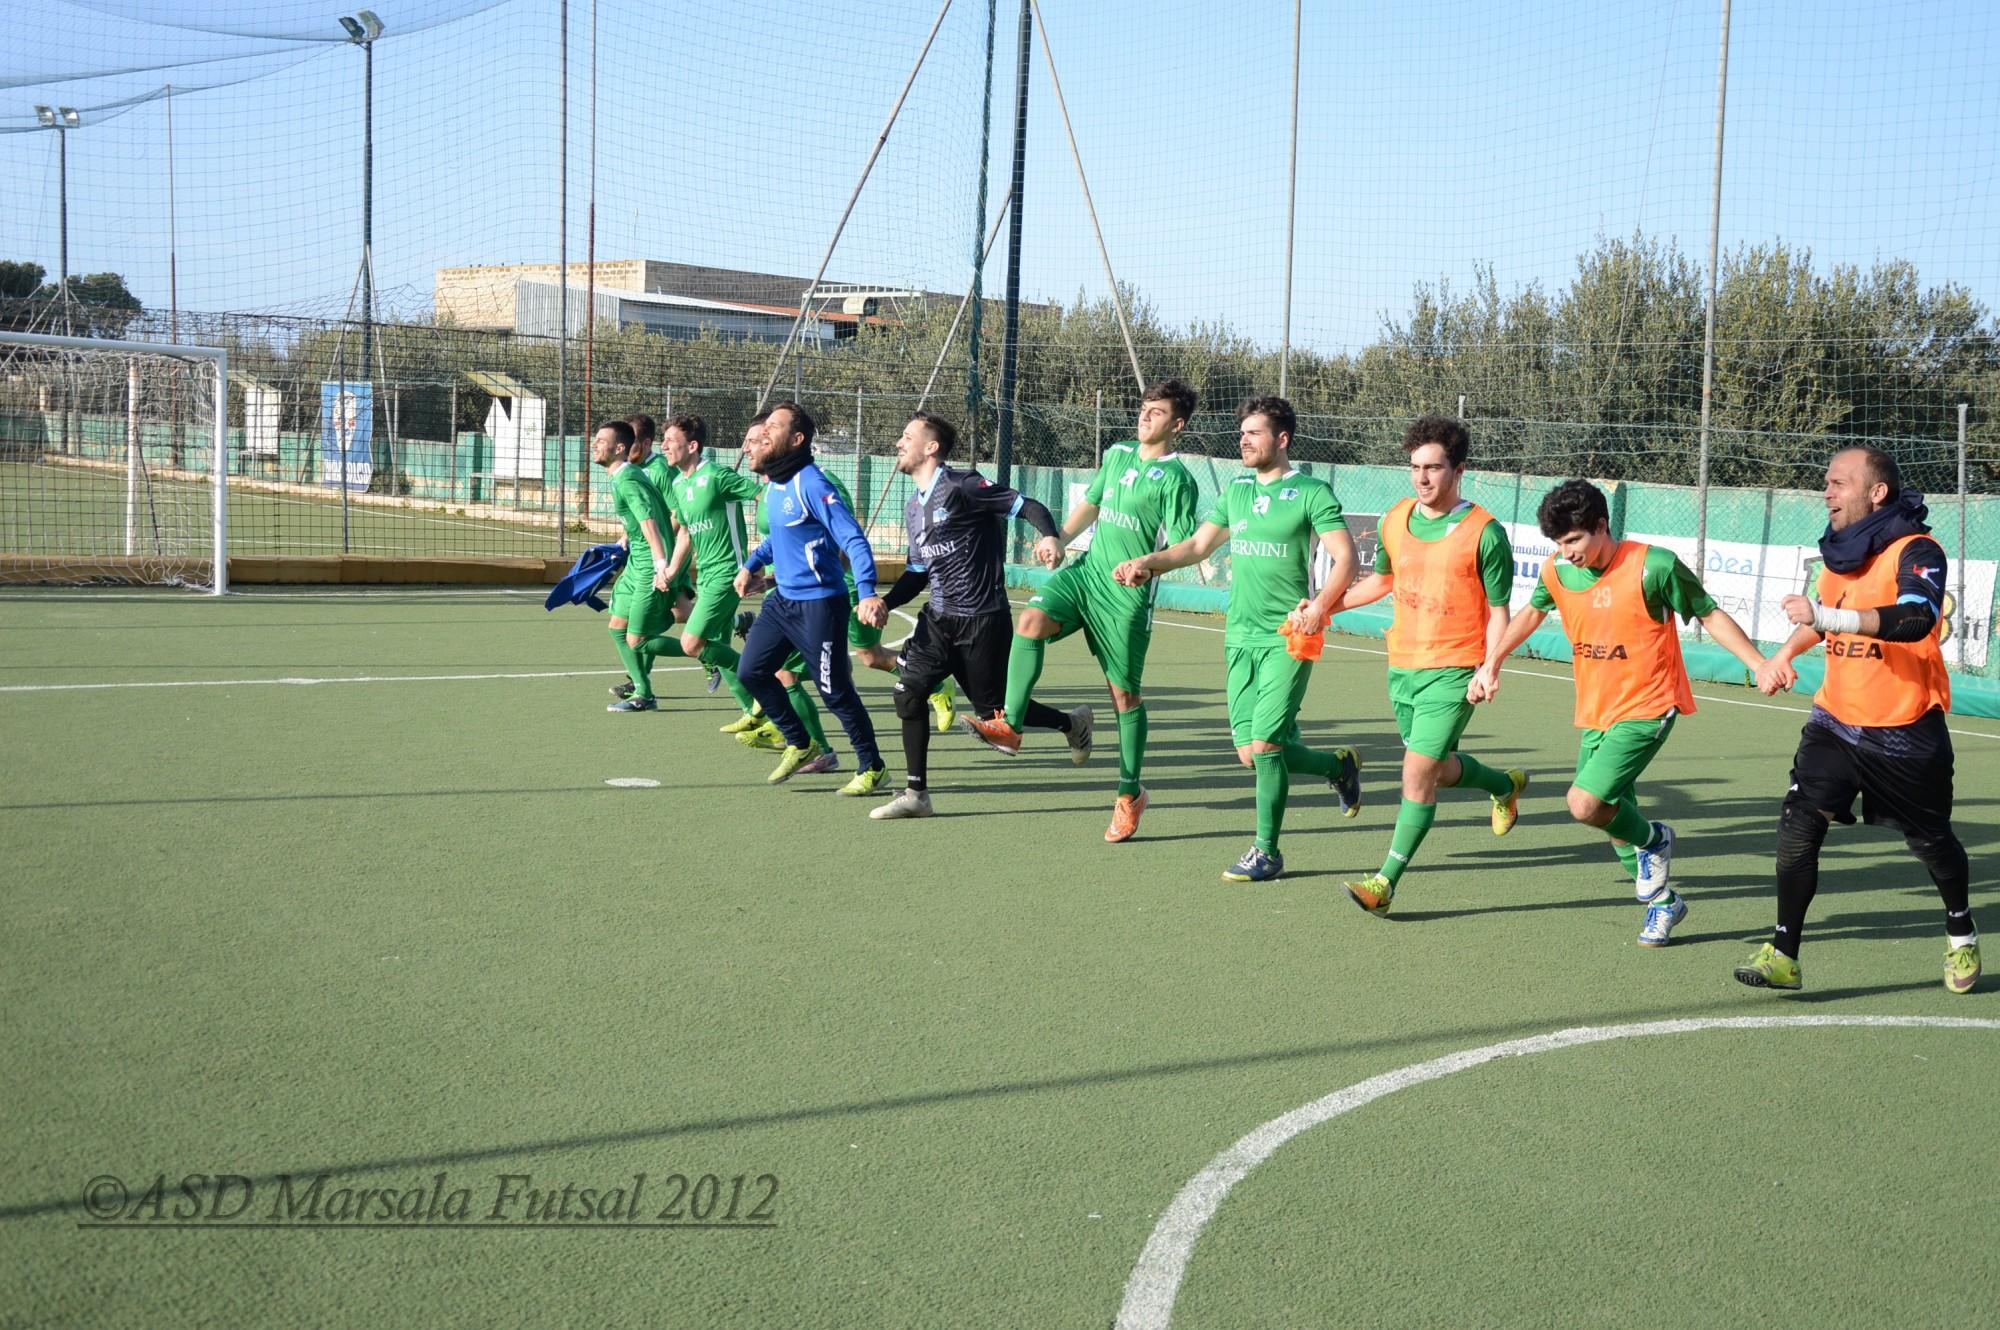 Calcio dilettantistico, stop definitivo ai campionati. Calcio a 5, il Marsala Futsal chiude al settimo posto